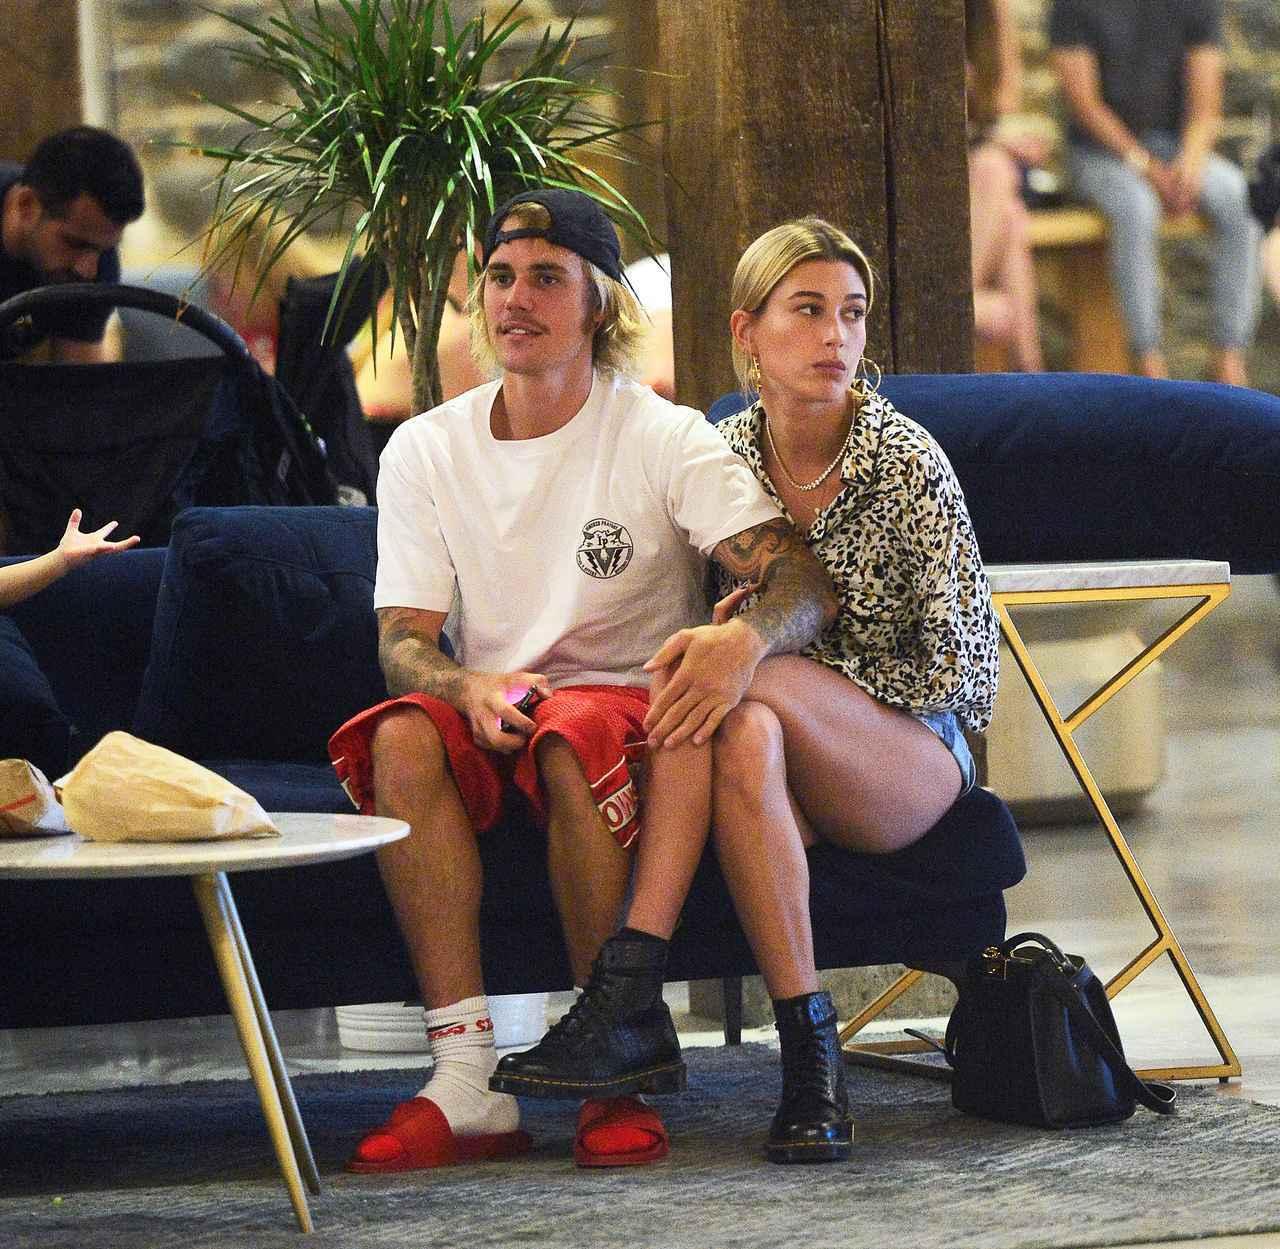 画像: 会員制ラウンジでは、体を密着させたジャスティンとヘイリーが楽しそうにふざけあっていた。